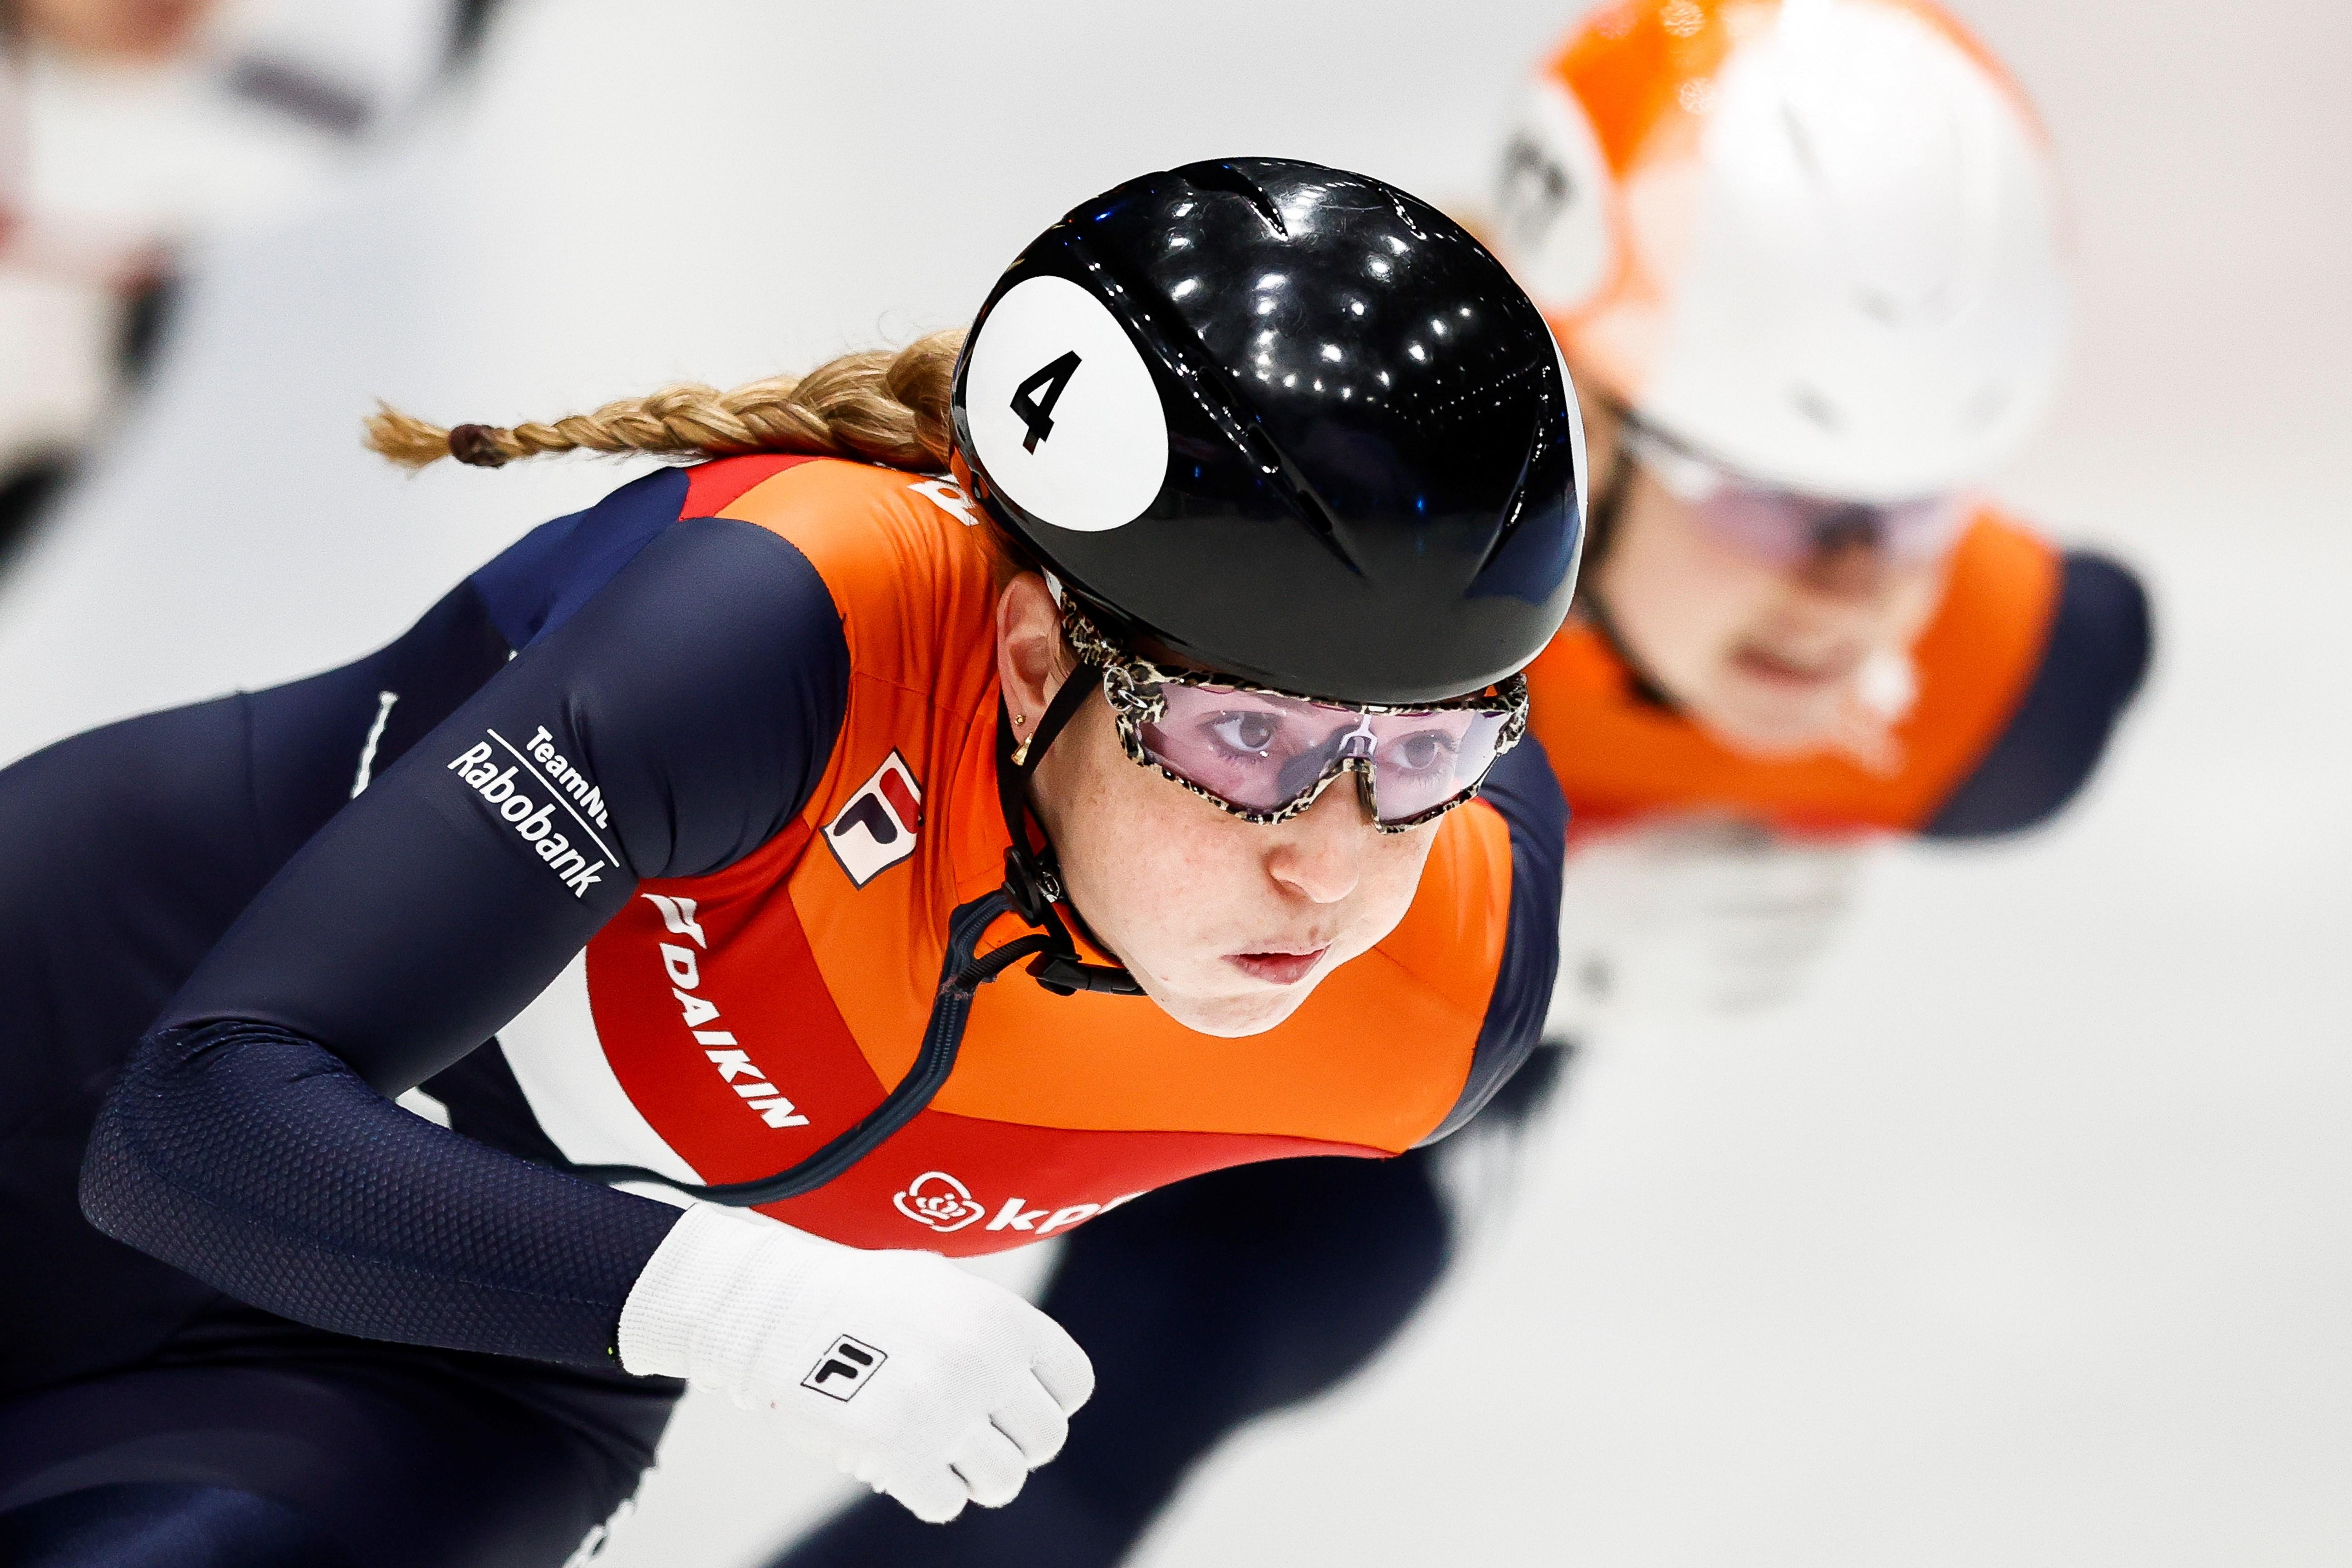 TeamNL-update: Toestand van Lara van Ruijven is verslechterd